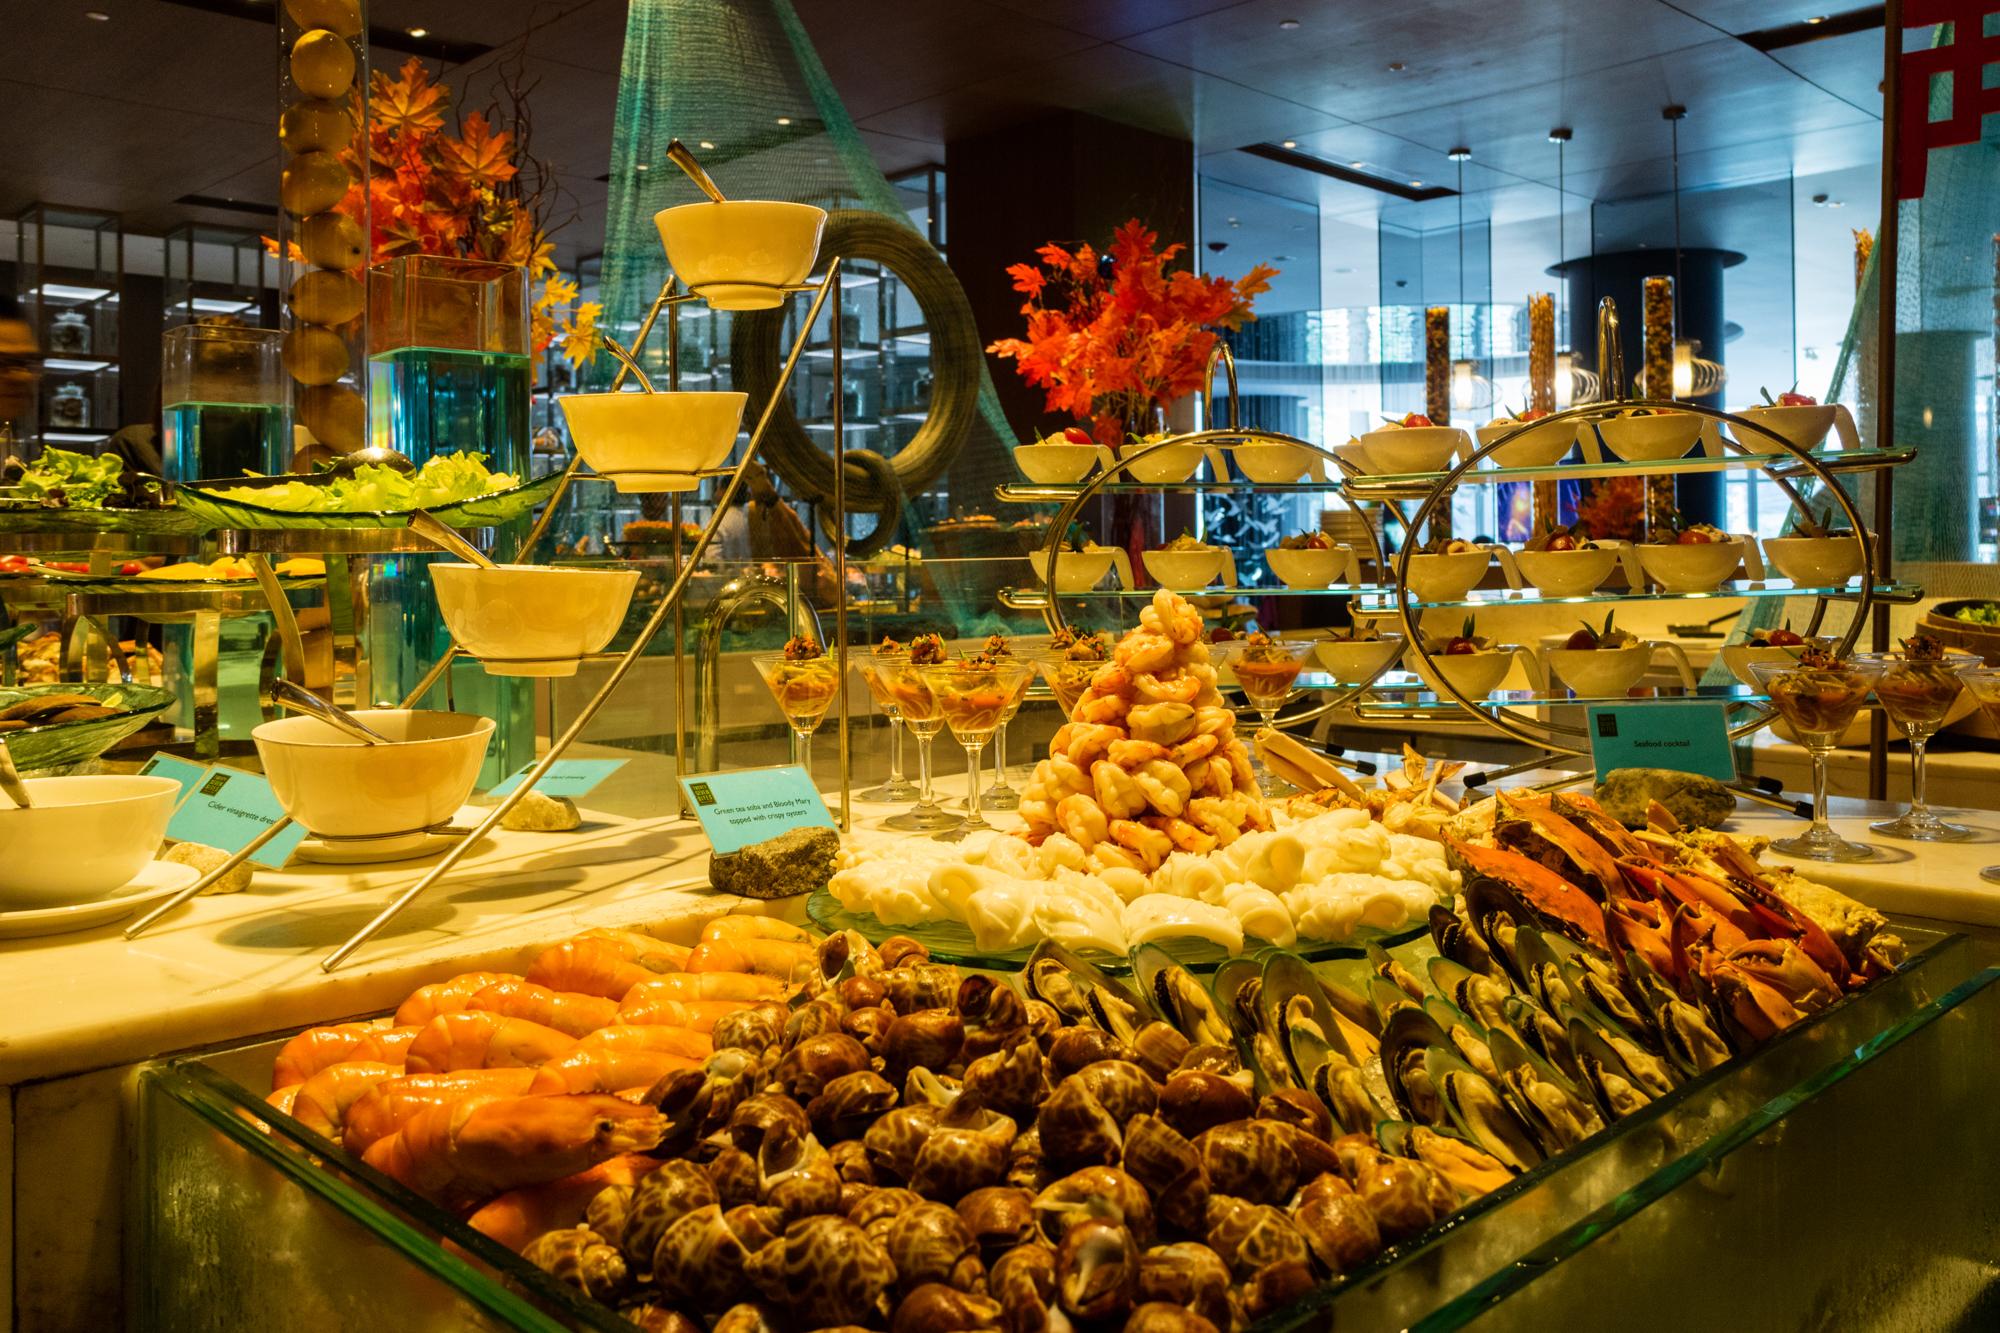 บุฟเฟ่ต์ Big Blu Sunday Brunch ห้องอาหาร Twenty-Seven Bites โรงแรม Radisson Blu Plaza Bangkok  บุฟเฟ่ต์ Big Blu Sunday Brunch ห้องอาหาร Twenty-Seven Bites โรงแรม Radisson Blu Plaza Bangkok IMG 6115